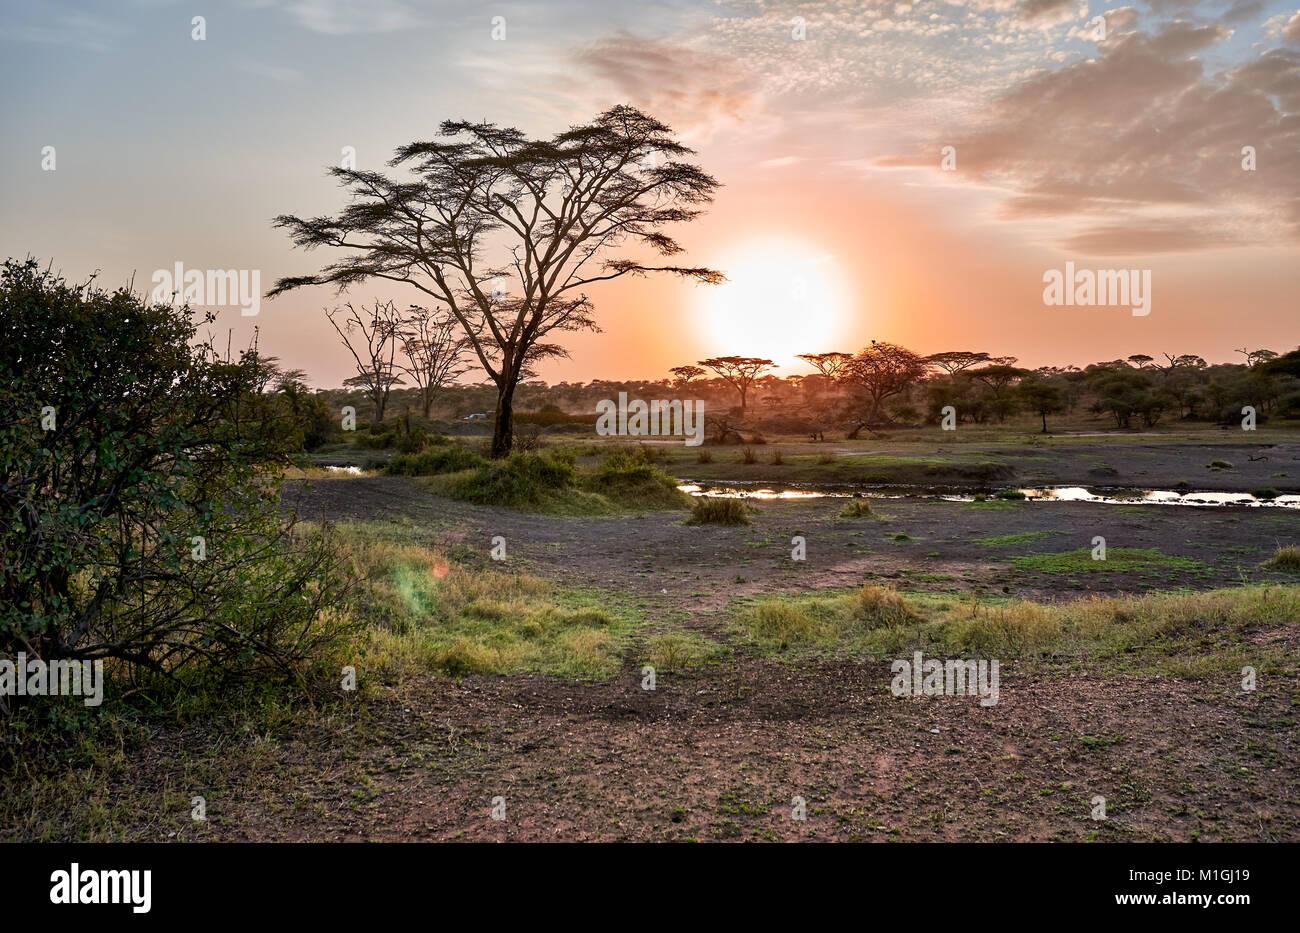 Sonnenaufgang in der Serengeti Nationalpark, UNESCO-Weltkulturerbe, Tansania, Afrika Stockbild